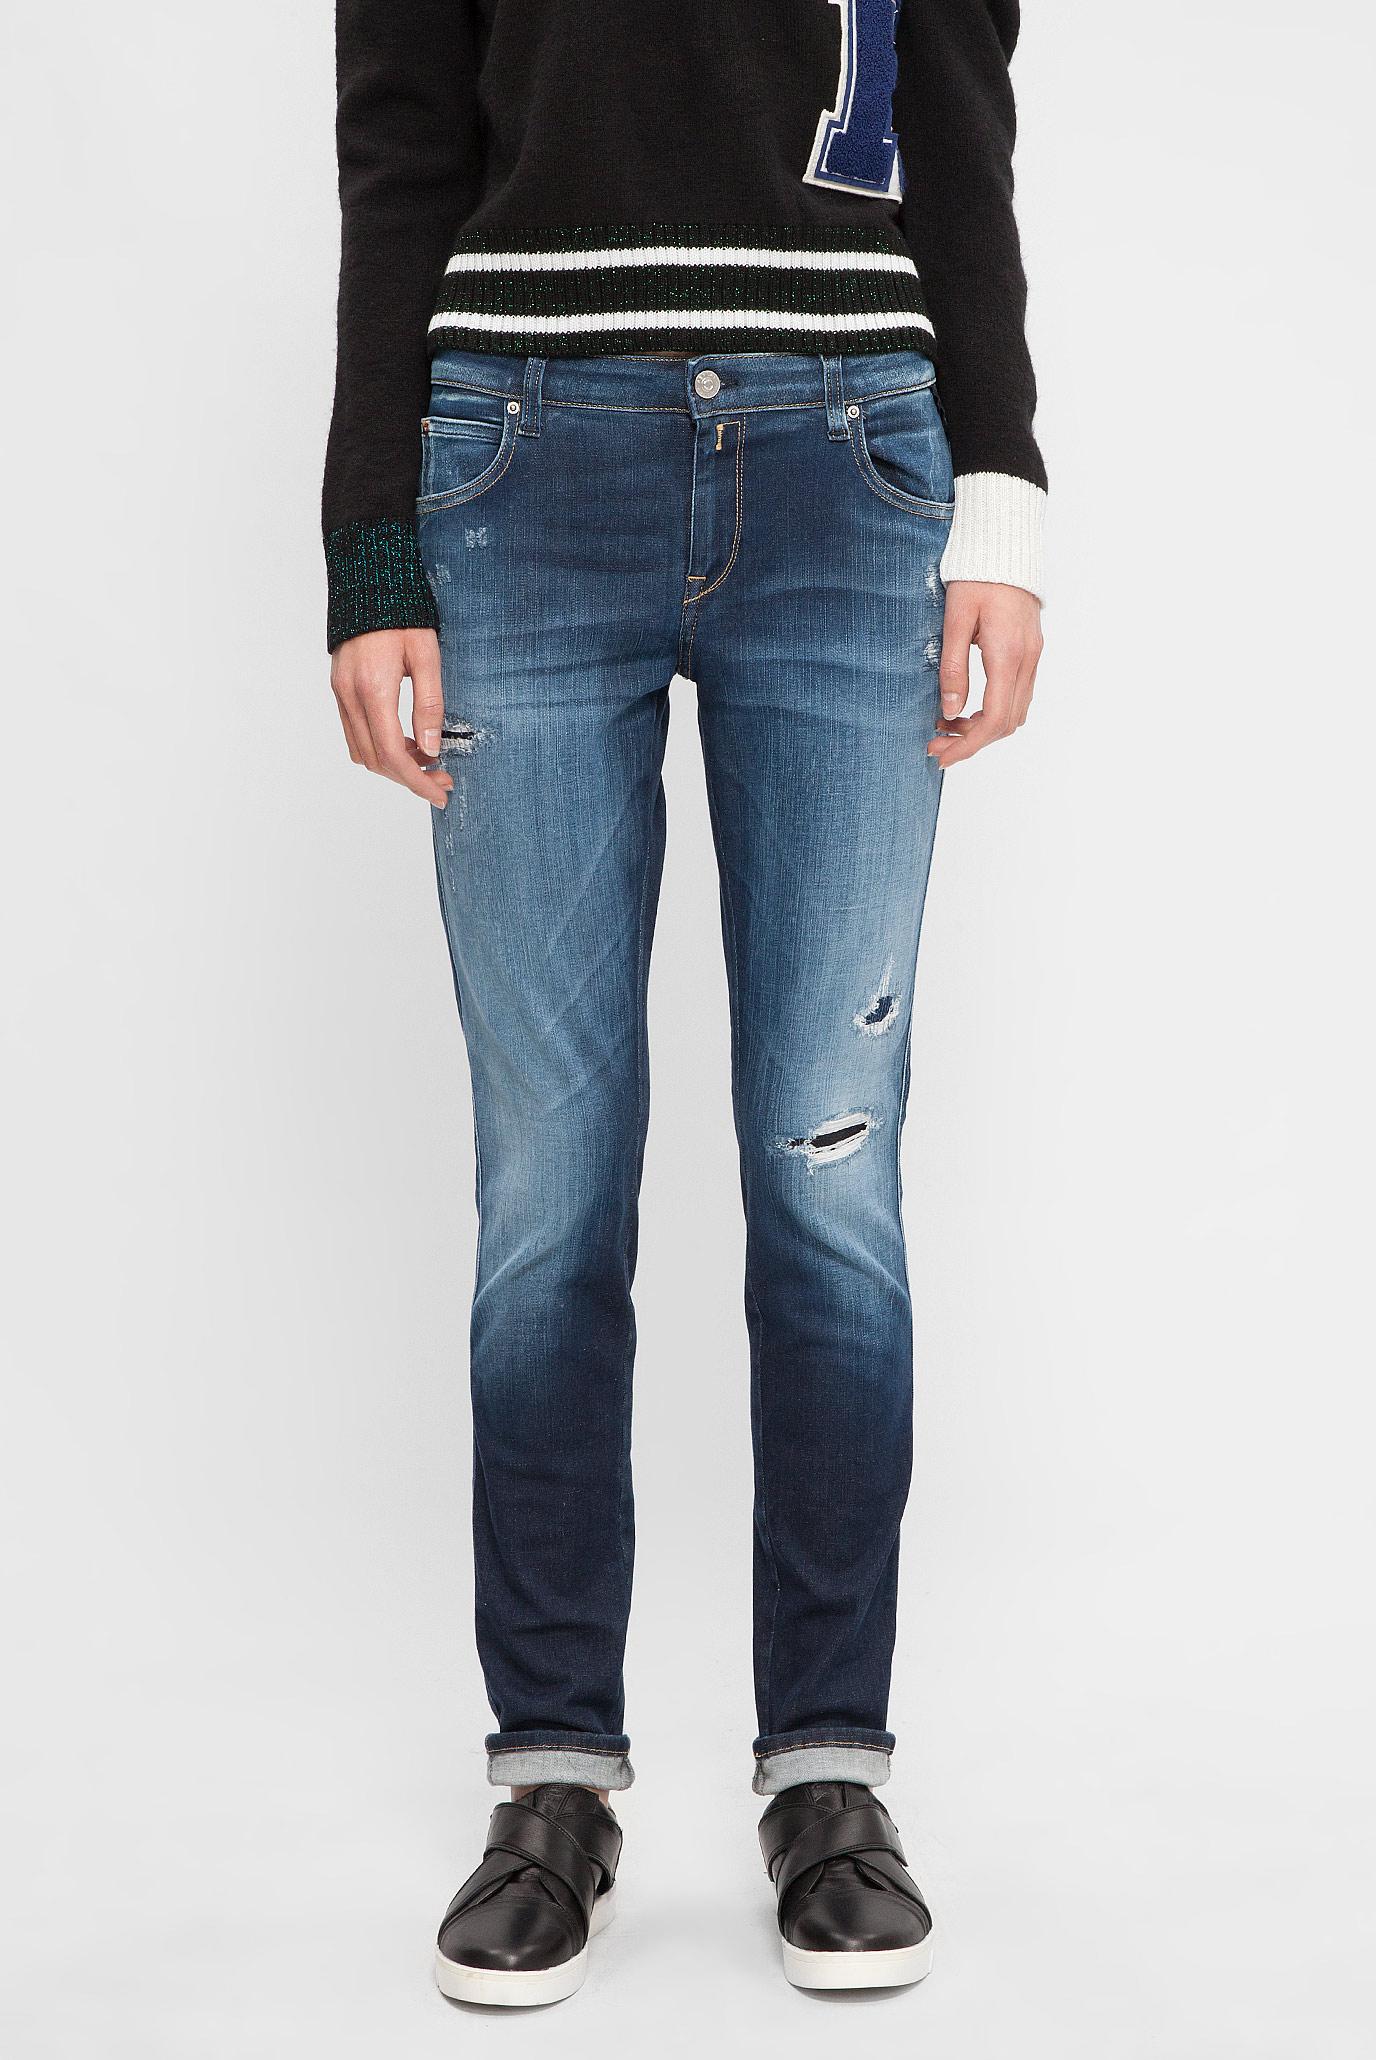 Купить Женские синие джинсы KATEWIN Replay Replay WA635 .000.661 116 – Киев, Украина. Цены в интернет магазине MD Fashion